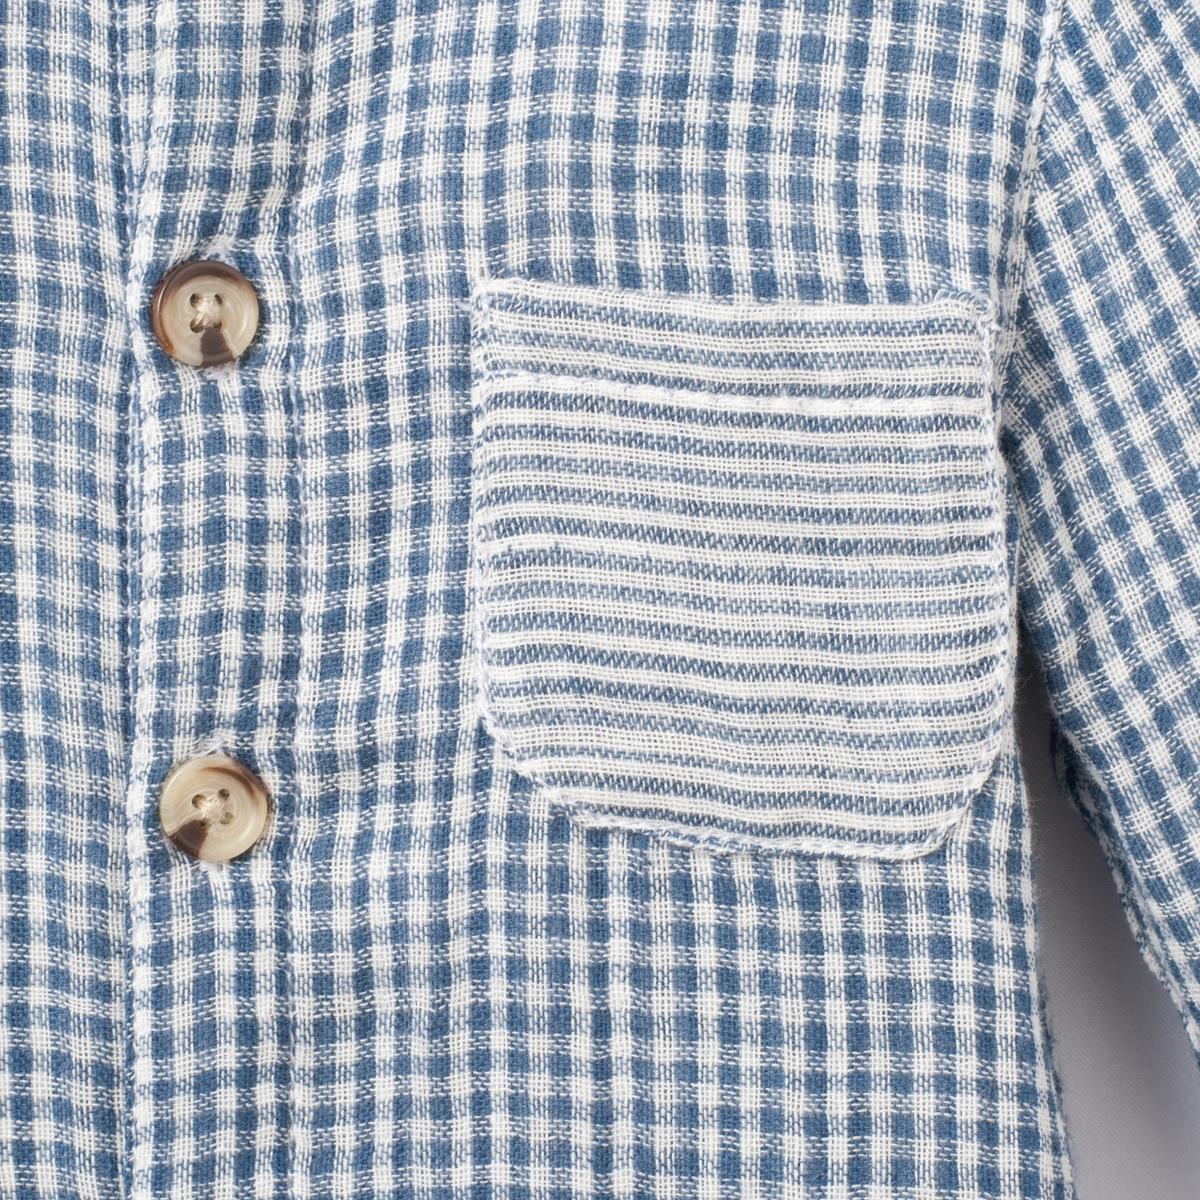 Рубашка в клетку, 1 мес. - 3 годаРубашка с длинными рукавами в клетку . Воротник-стойка. Накладной карман в полоску. Застежка на пуговицы спереди. Манжеты застегиваются на пуговицу. Внутренняя поверхность рубашки в полоску.Состав и описаниеМатериал       100% хлопкаМарка       R essentielУходСтирка и глажка с изнаночной стороныМашинная стирка при 30 °С в умеренном режиме с вещами схожих цветовМашинная сушка запрещенаГладитьпри умереннойтемпературе<br><br>Цвет: в клетку  синий/ белый<br>Размер: 1 мес. - 54 см